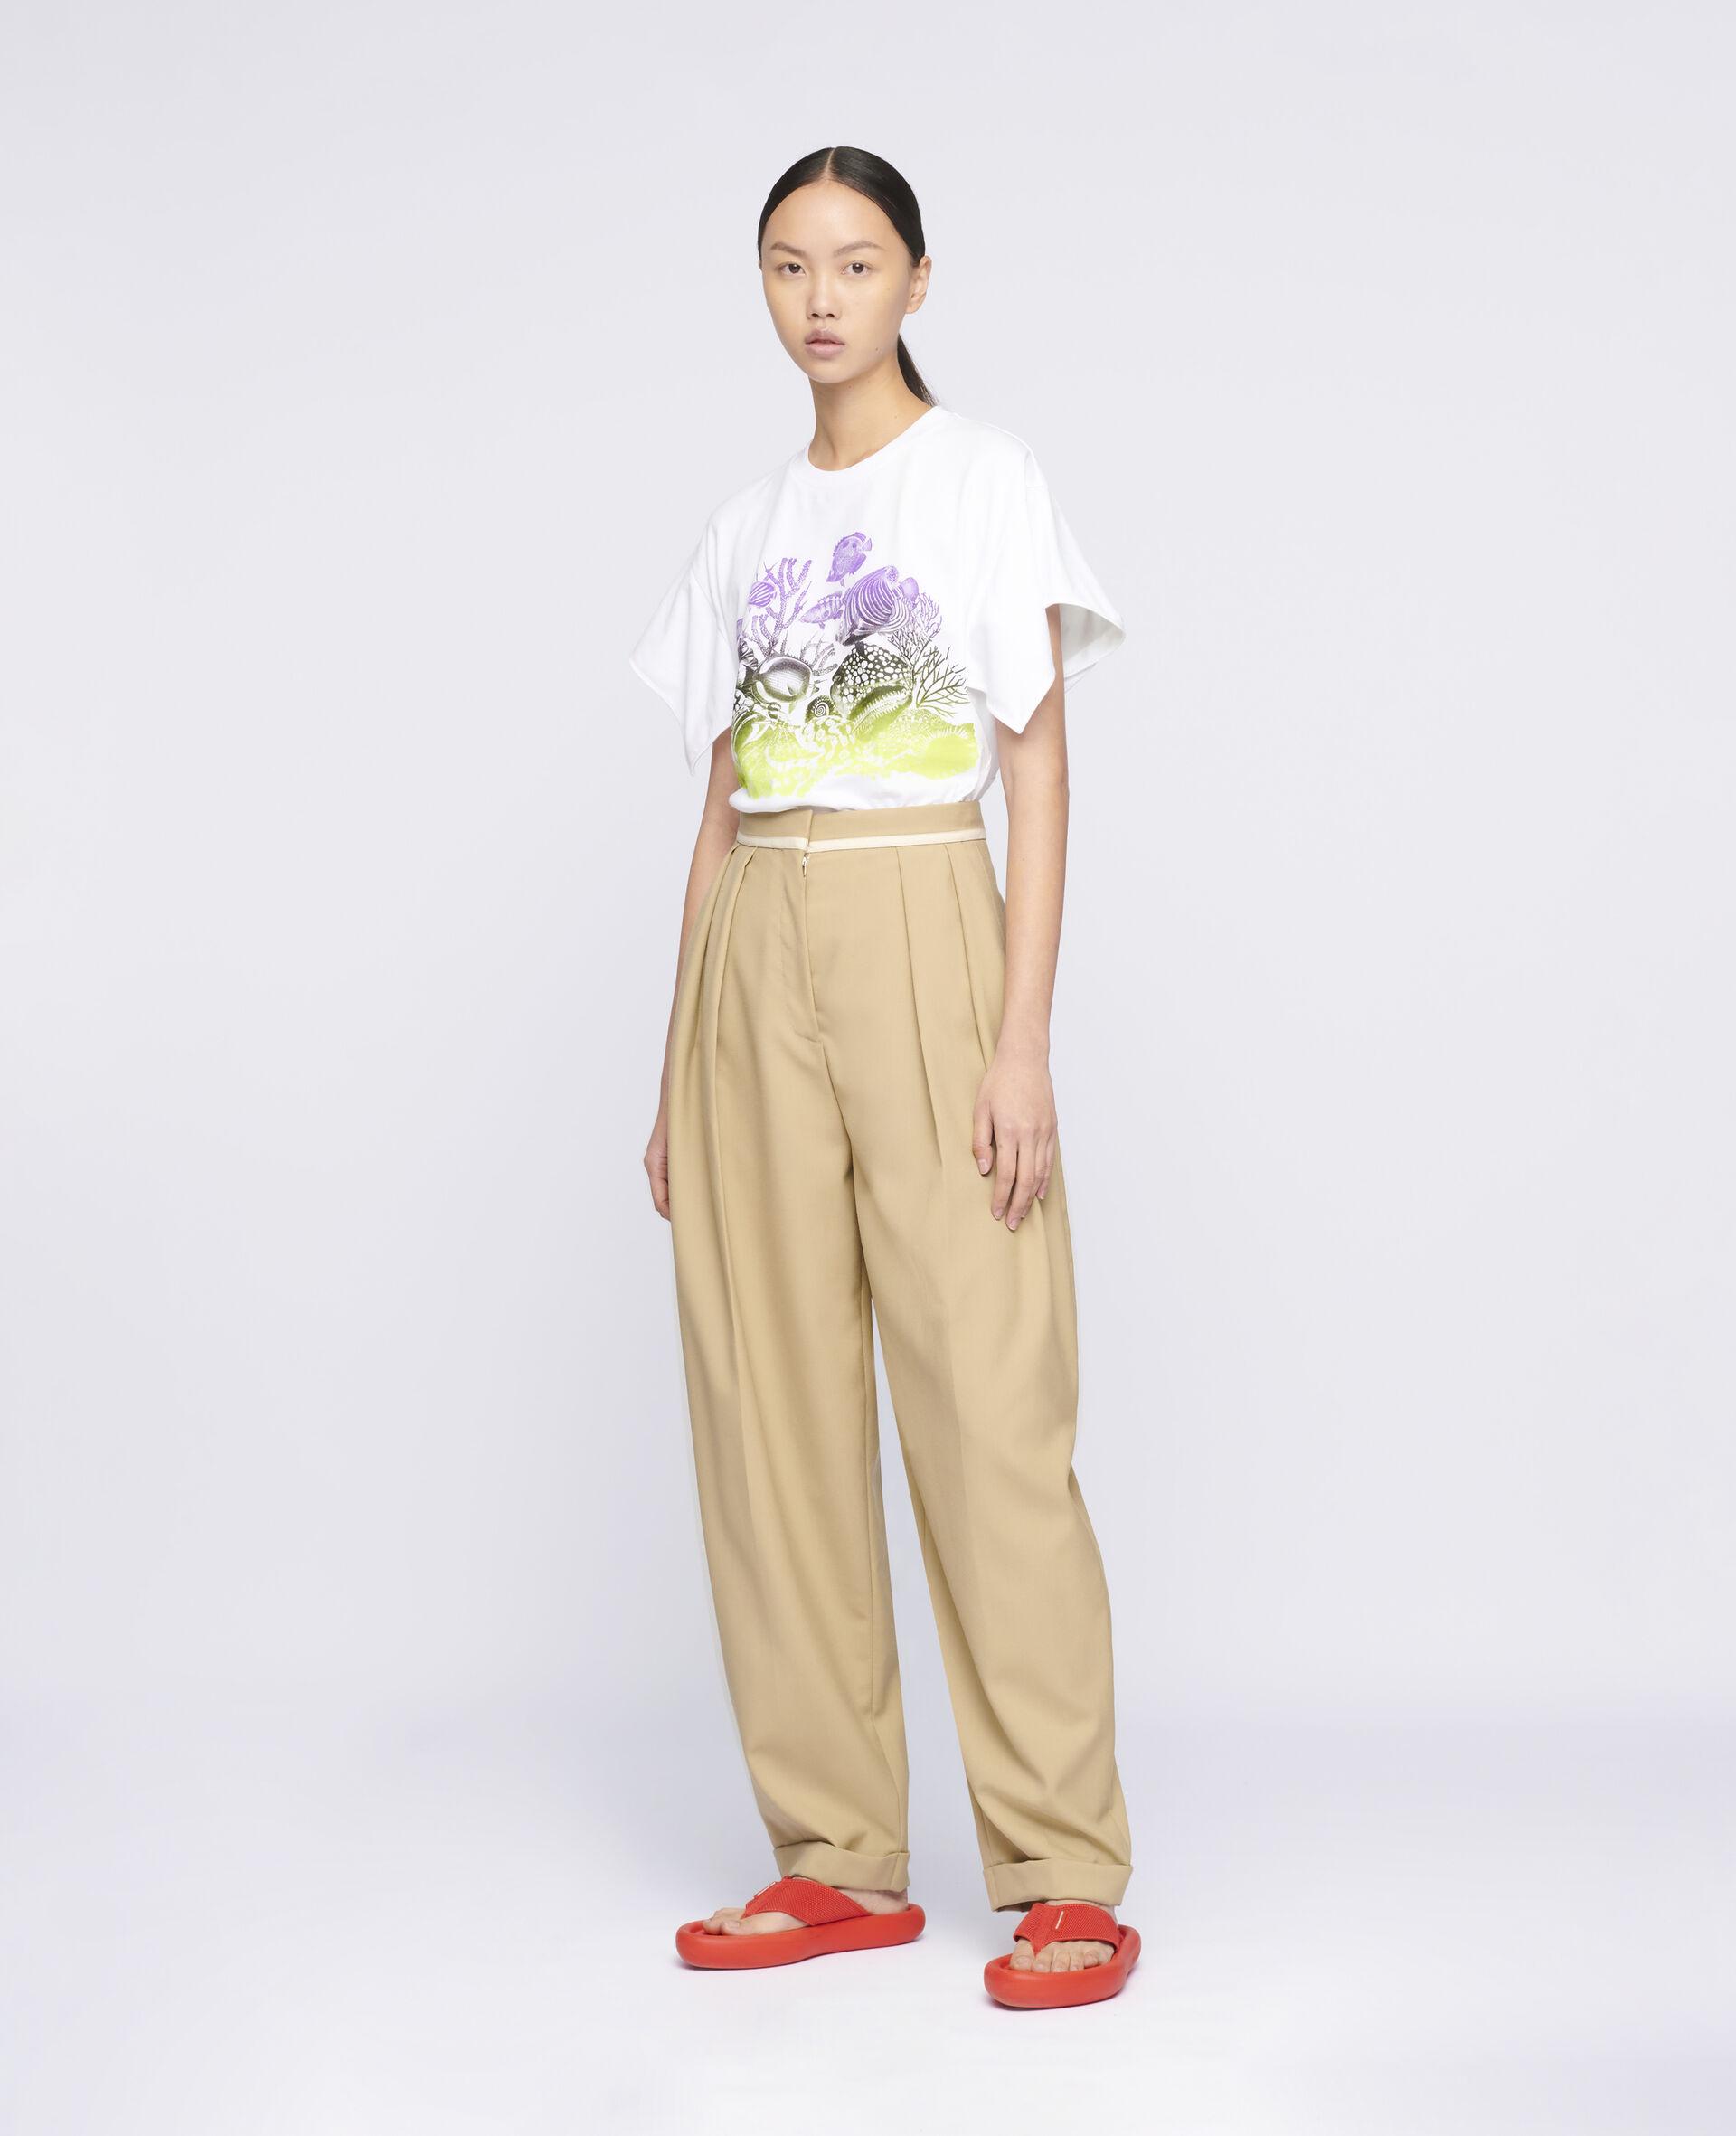 シーライフ プリント コットン Tシャツ-ホワイト-large image number 1